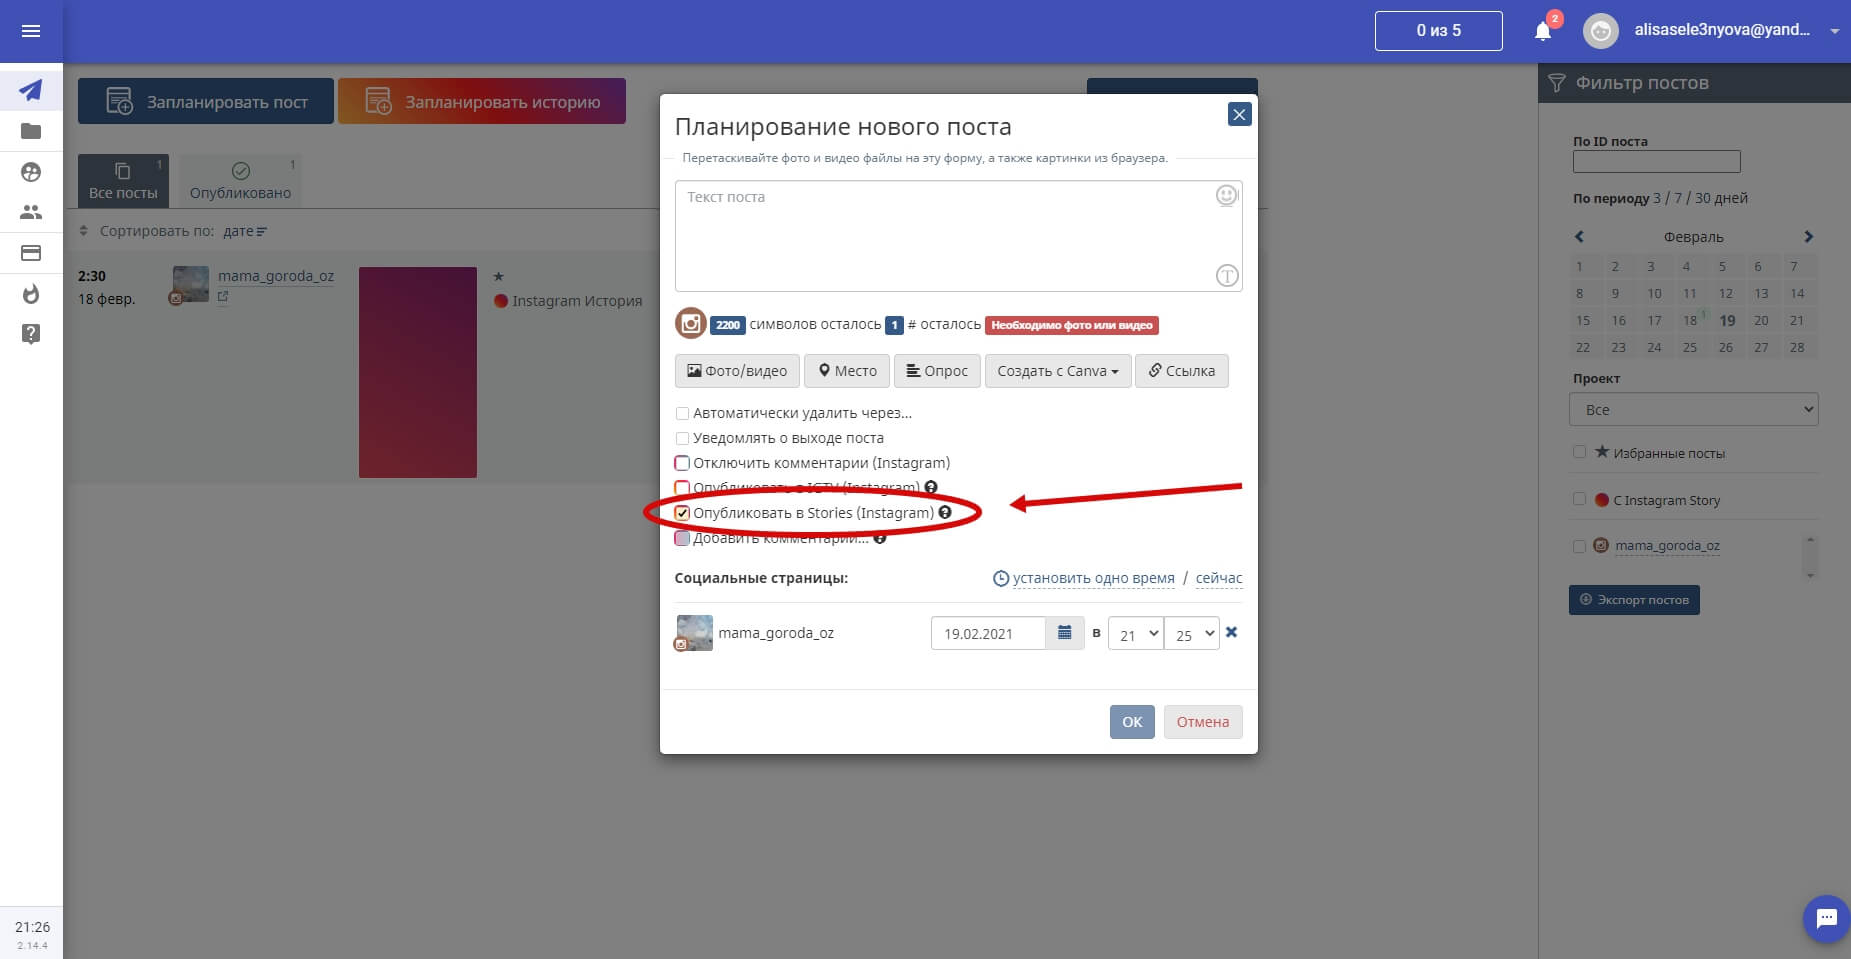 Видео в таком случае автоматически обрежется сервисом в нужный формат